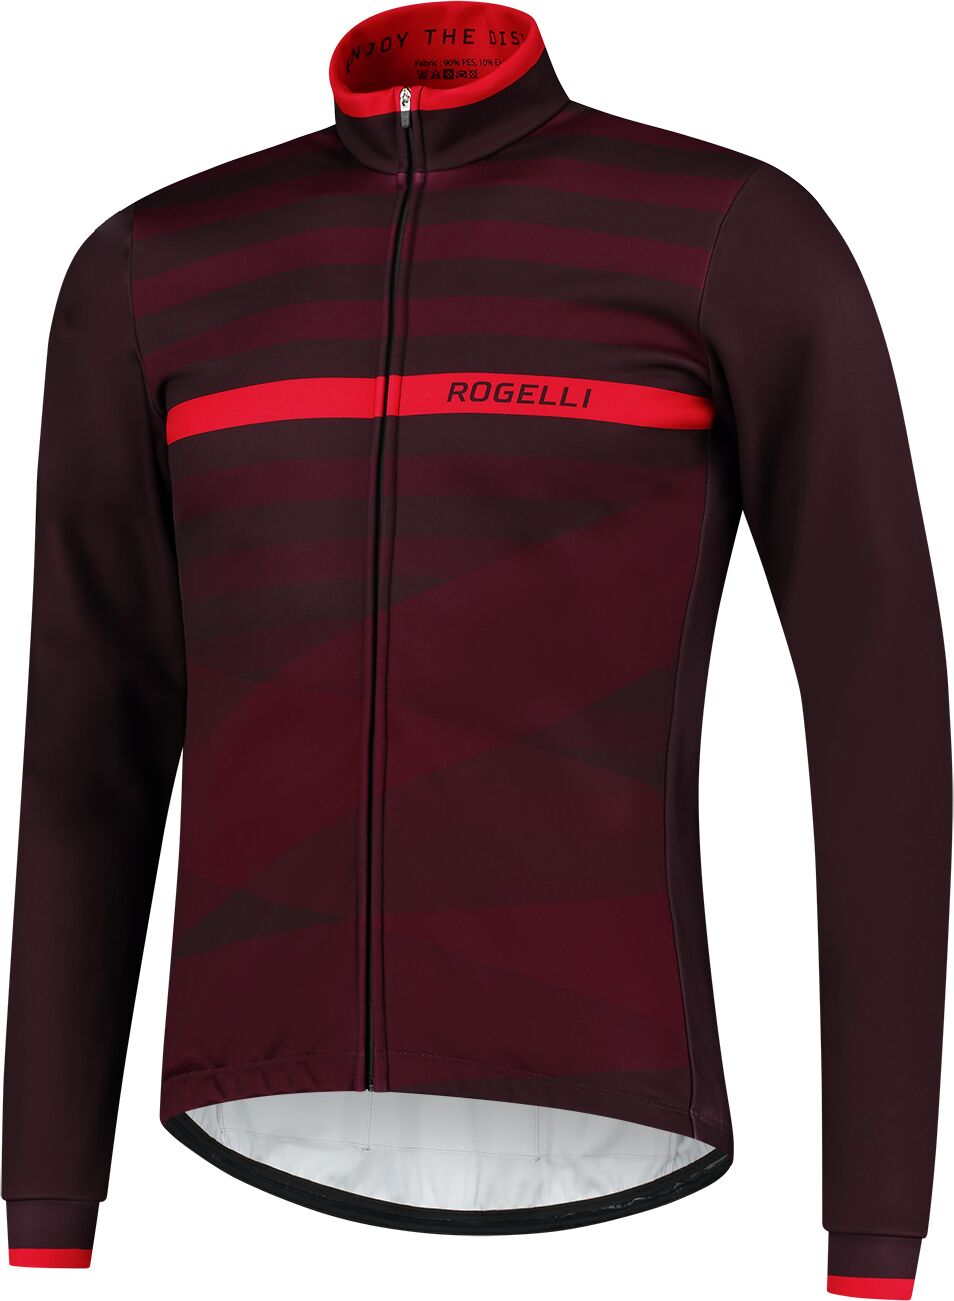 ROGELLI kurtka rowerowa zimowa STRIPE claret ROG351042 Rozmiar: XL,SROG351042.S